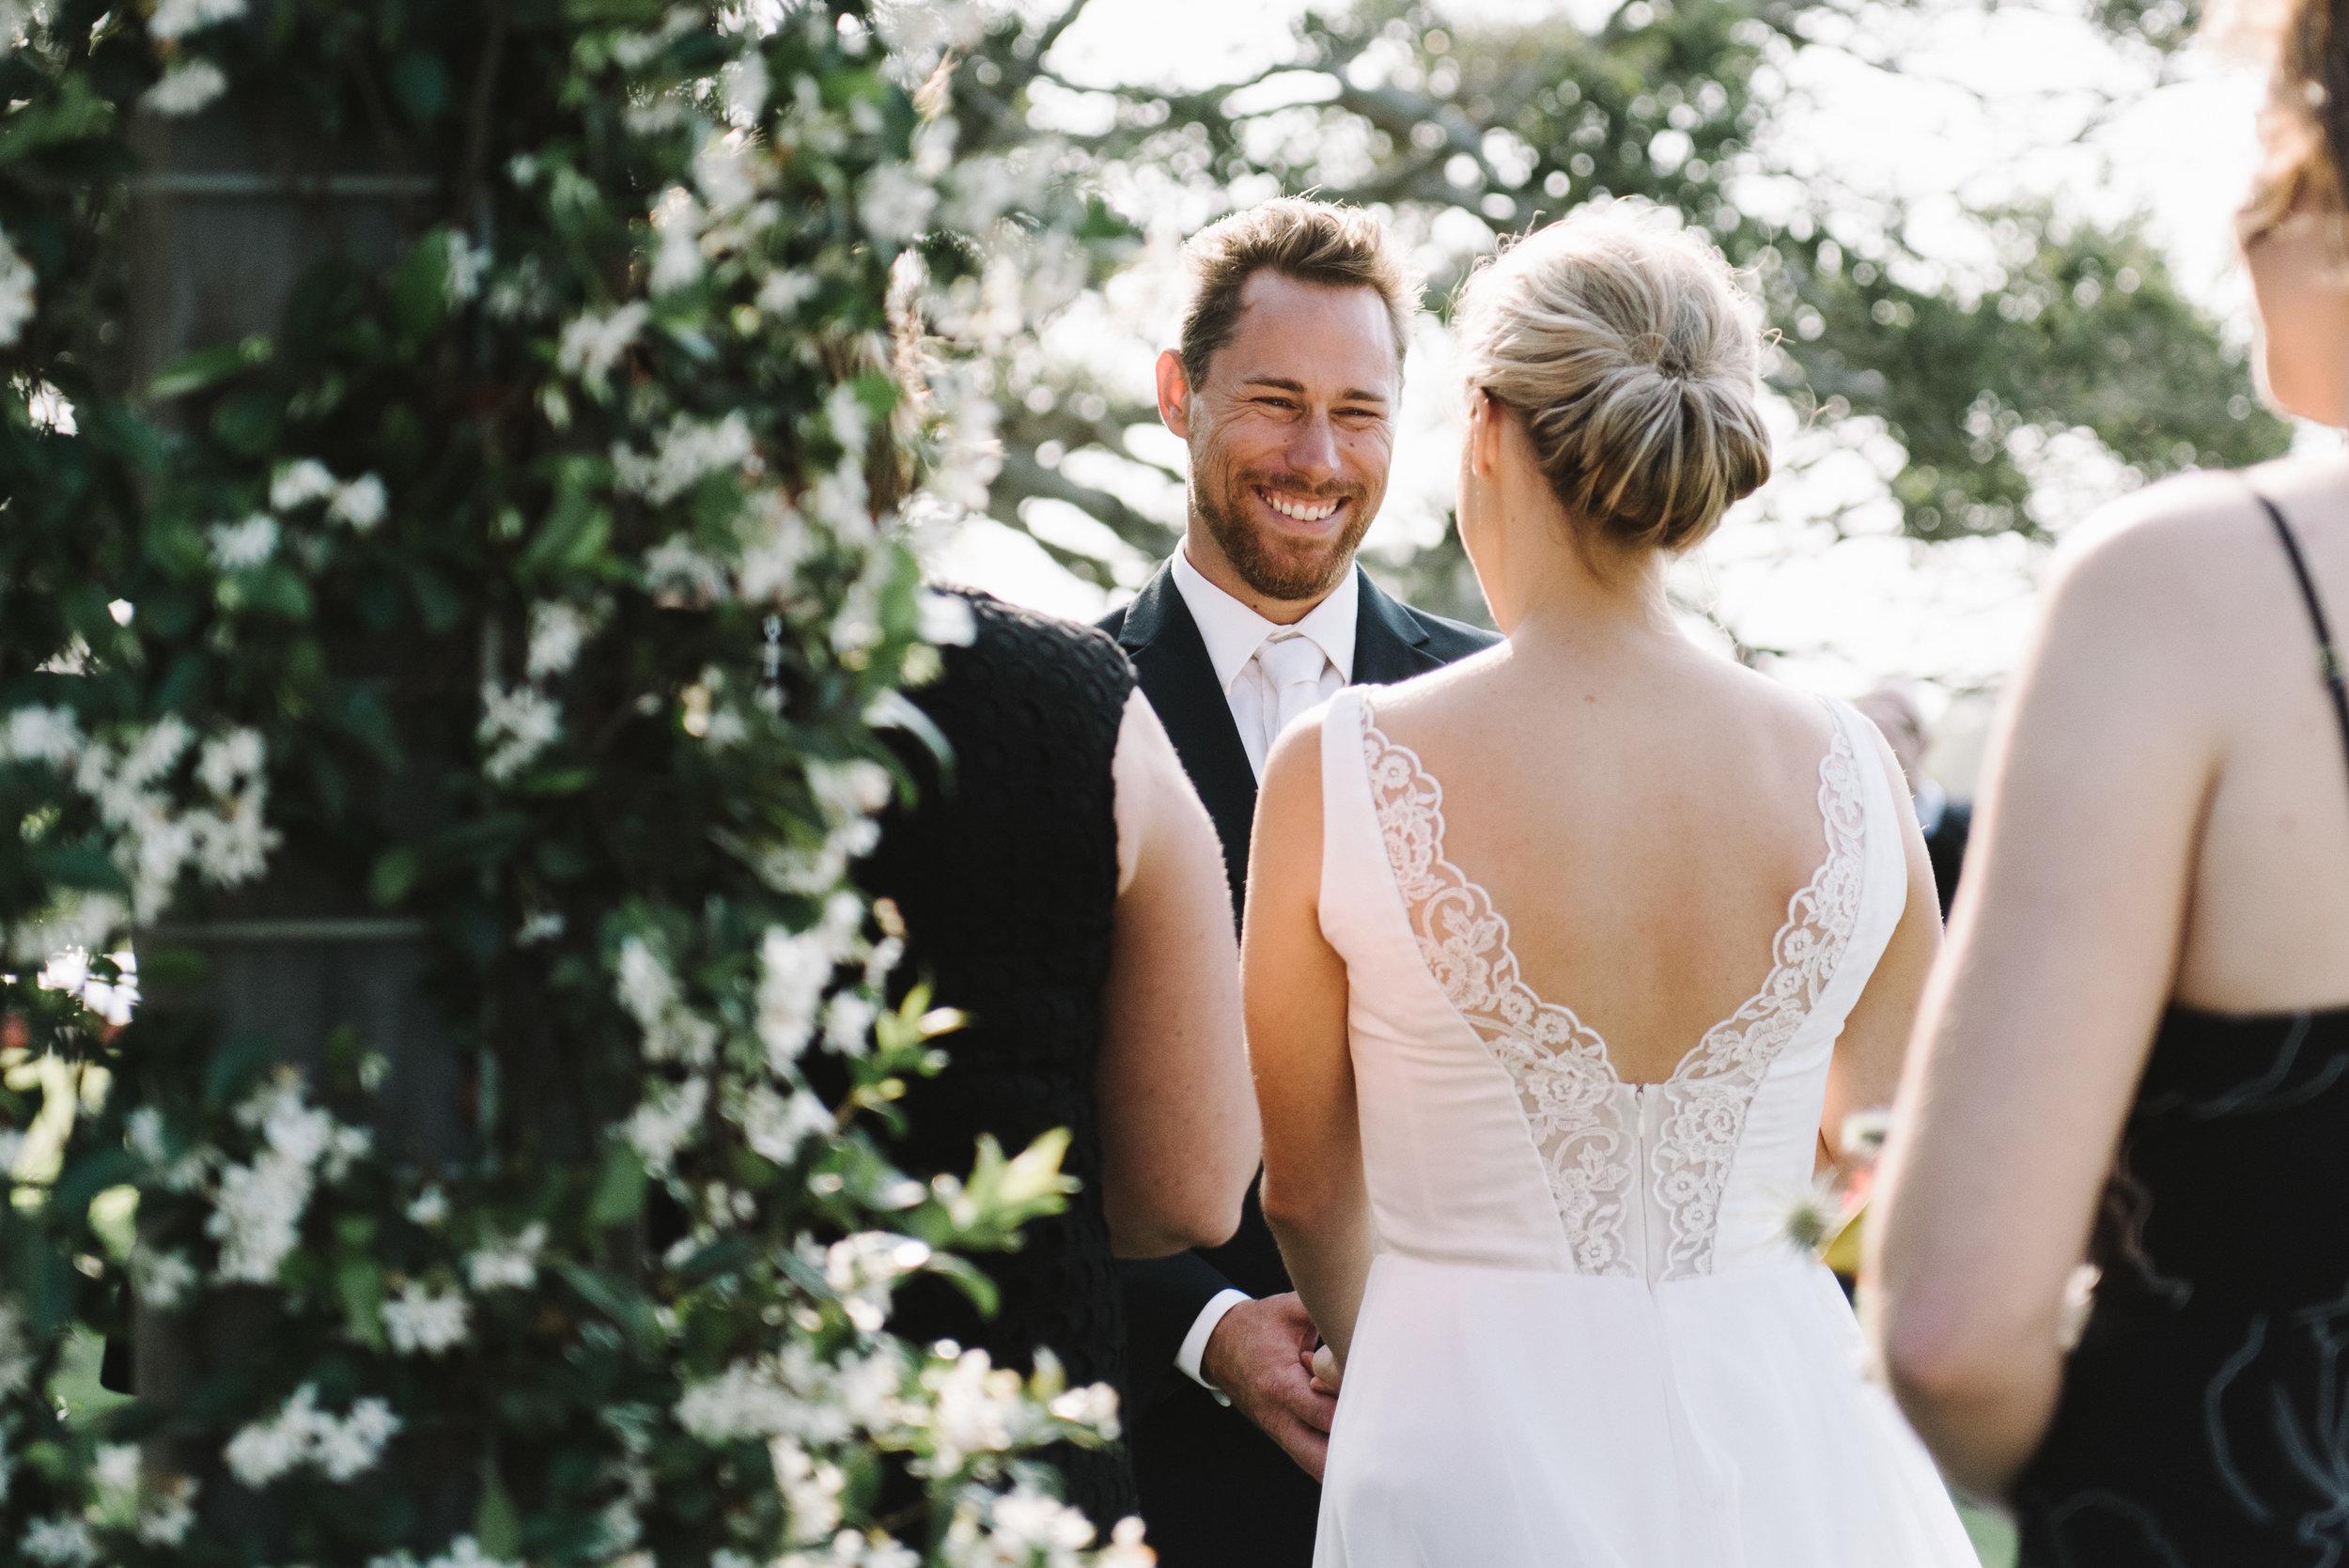 wedding-photography-brisbane-sandstone-point-hotel-bribie-island-luxewedding-26.jpg